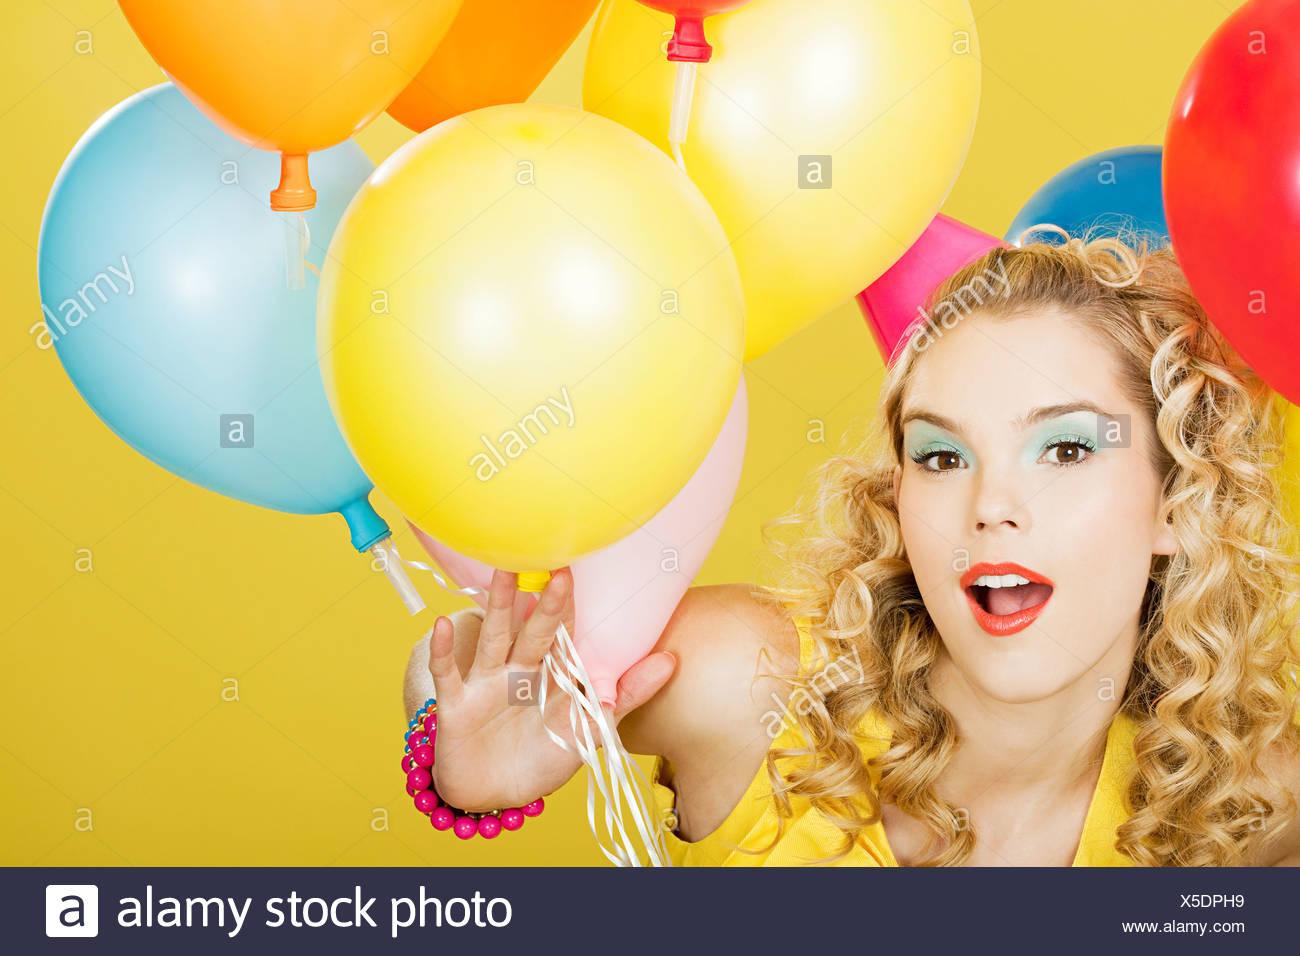 Joven Mujer rubia con globos contra el fondo amarillo Imagen De Stock